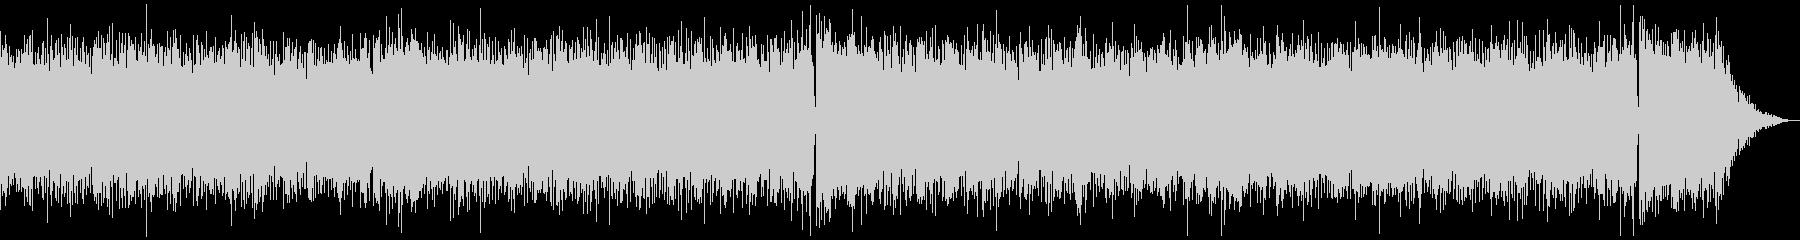 テケテケサウンドのサーフミュージックの未再生の波形